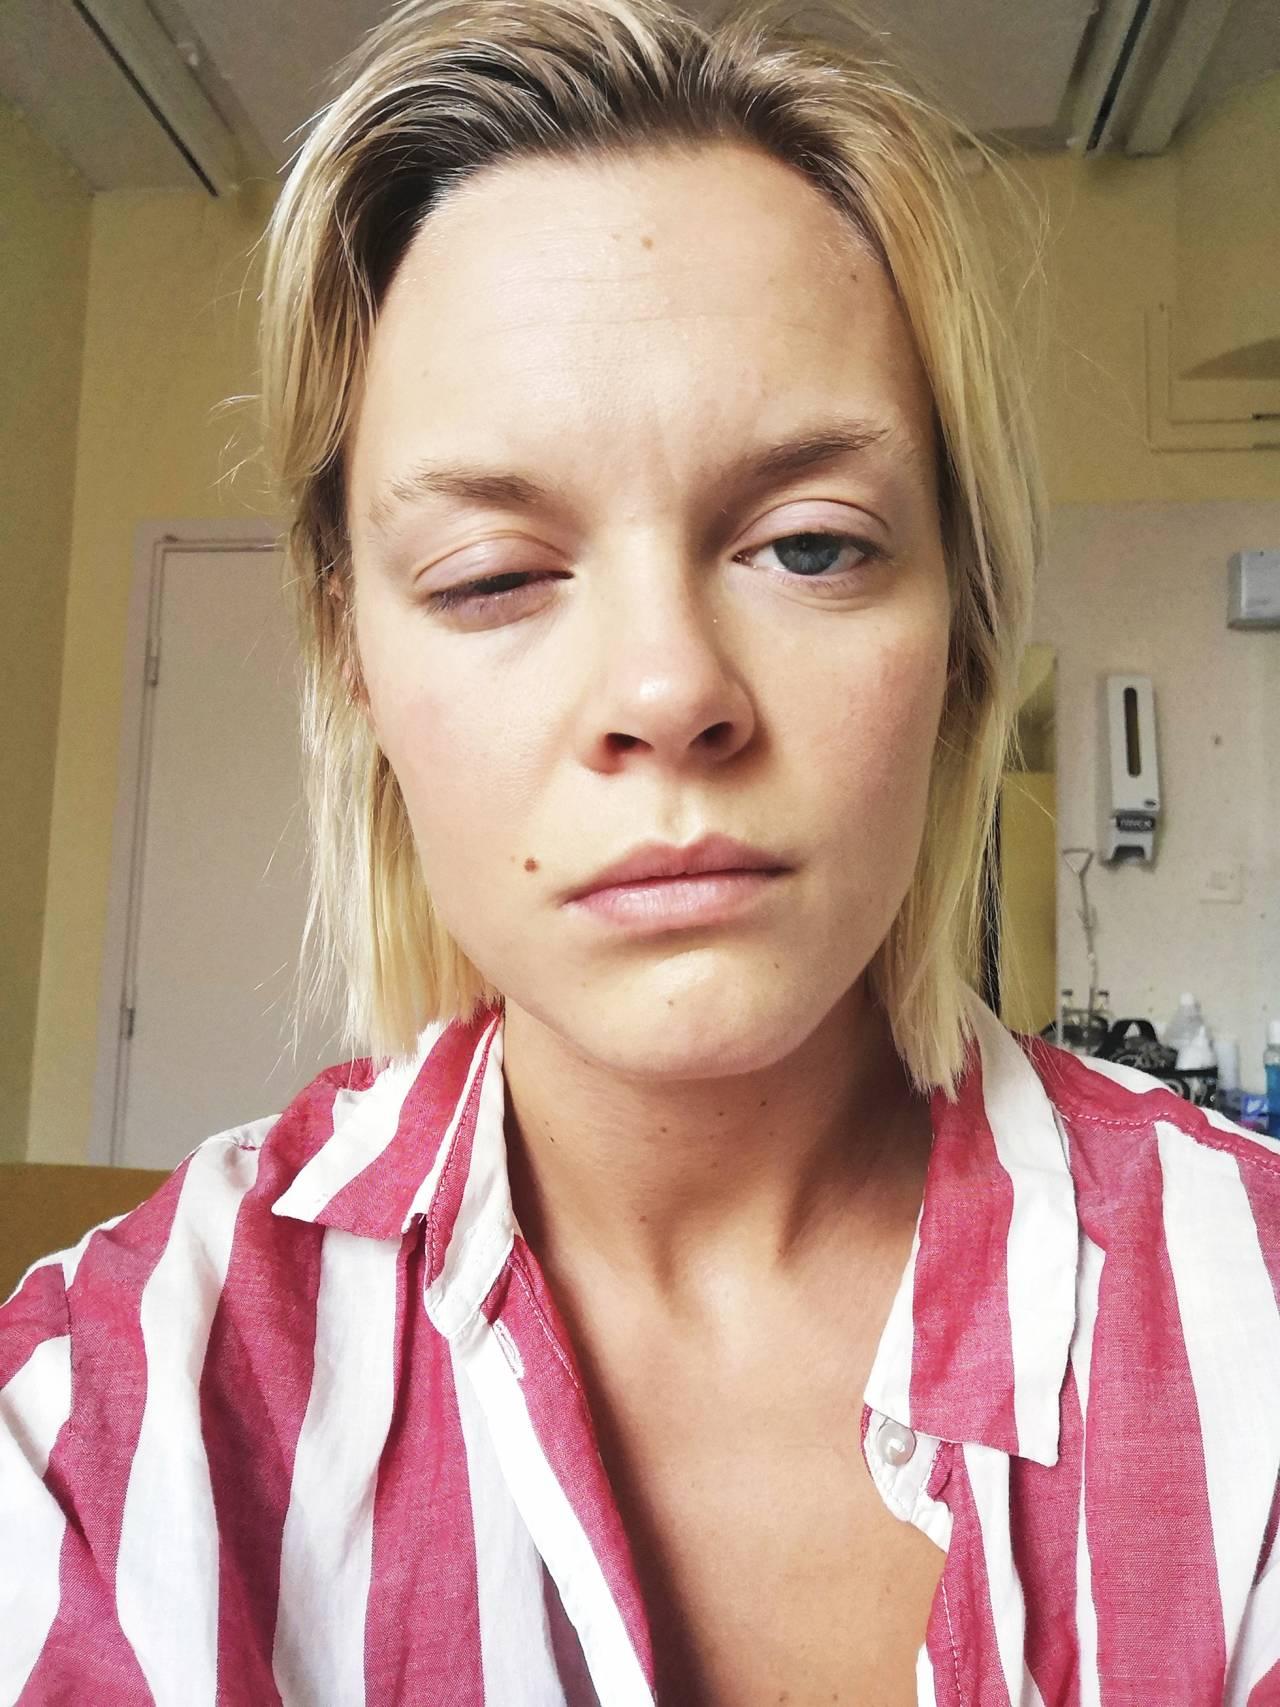 Matilda på sjukhuset med hängigt öga